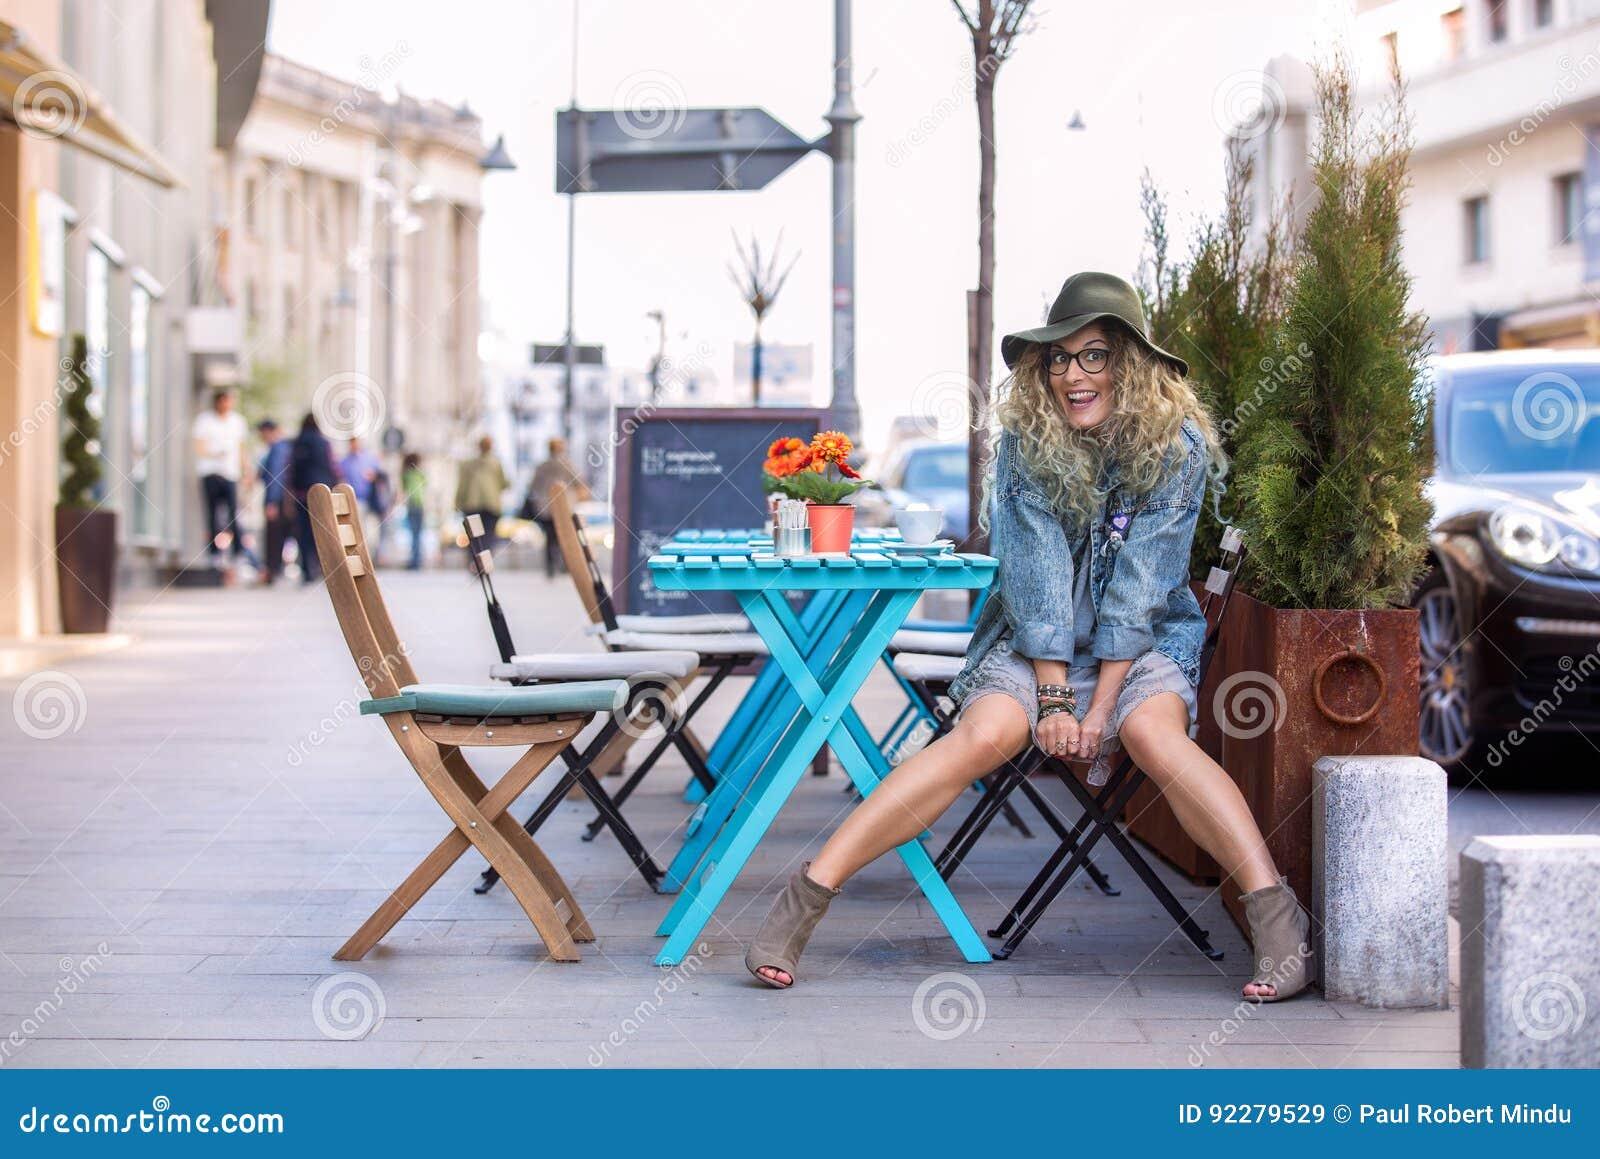 Szalona dziewczyna pije filiżankę kawy w mieście przy stołem